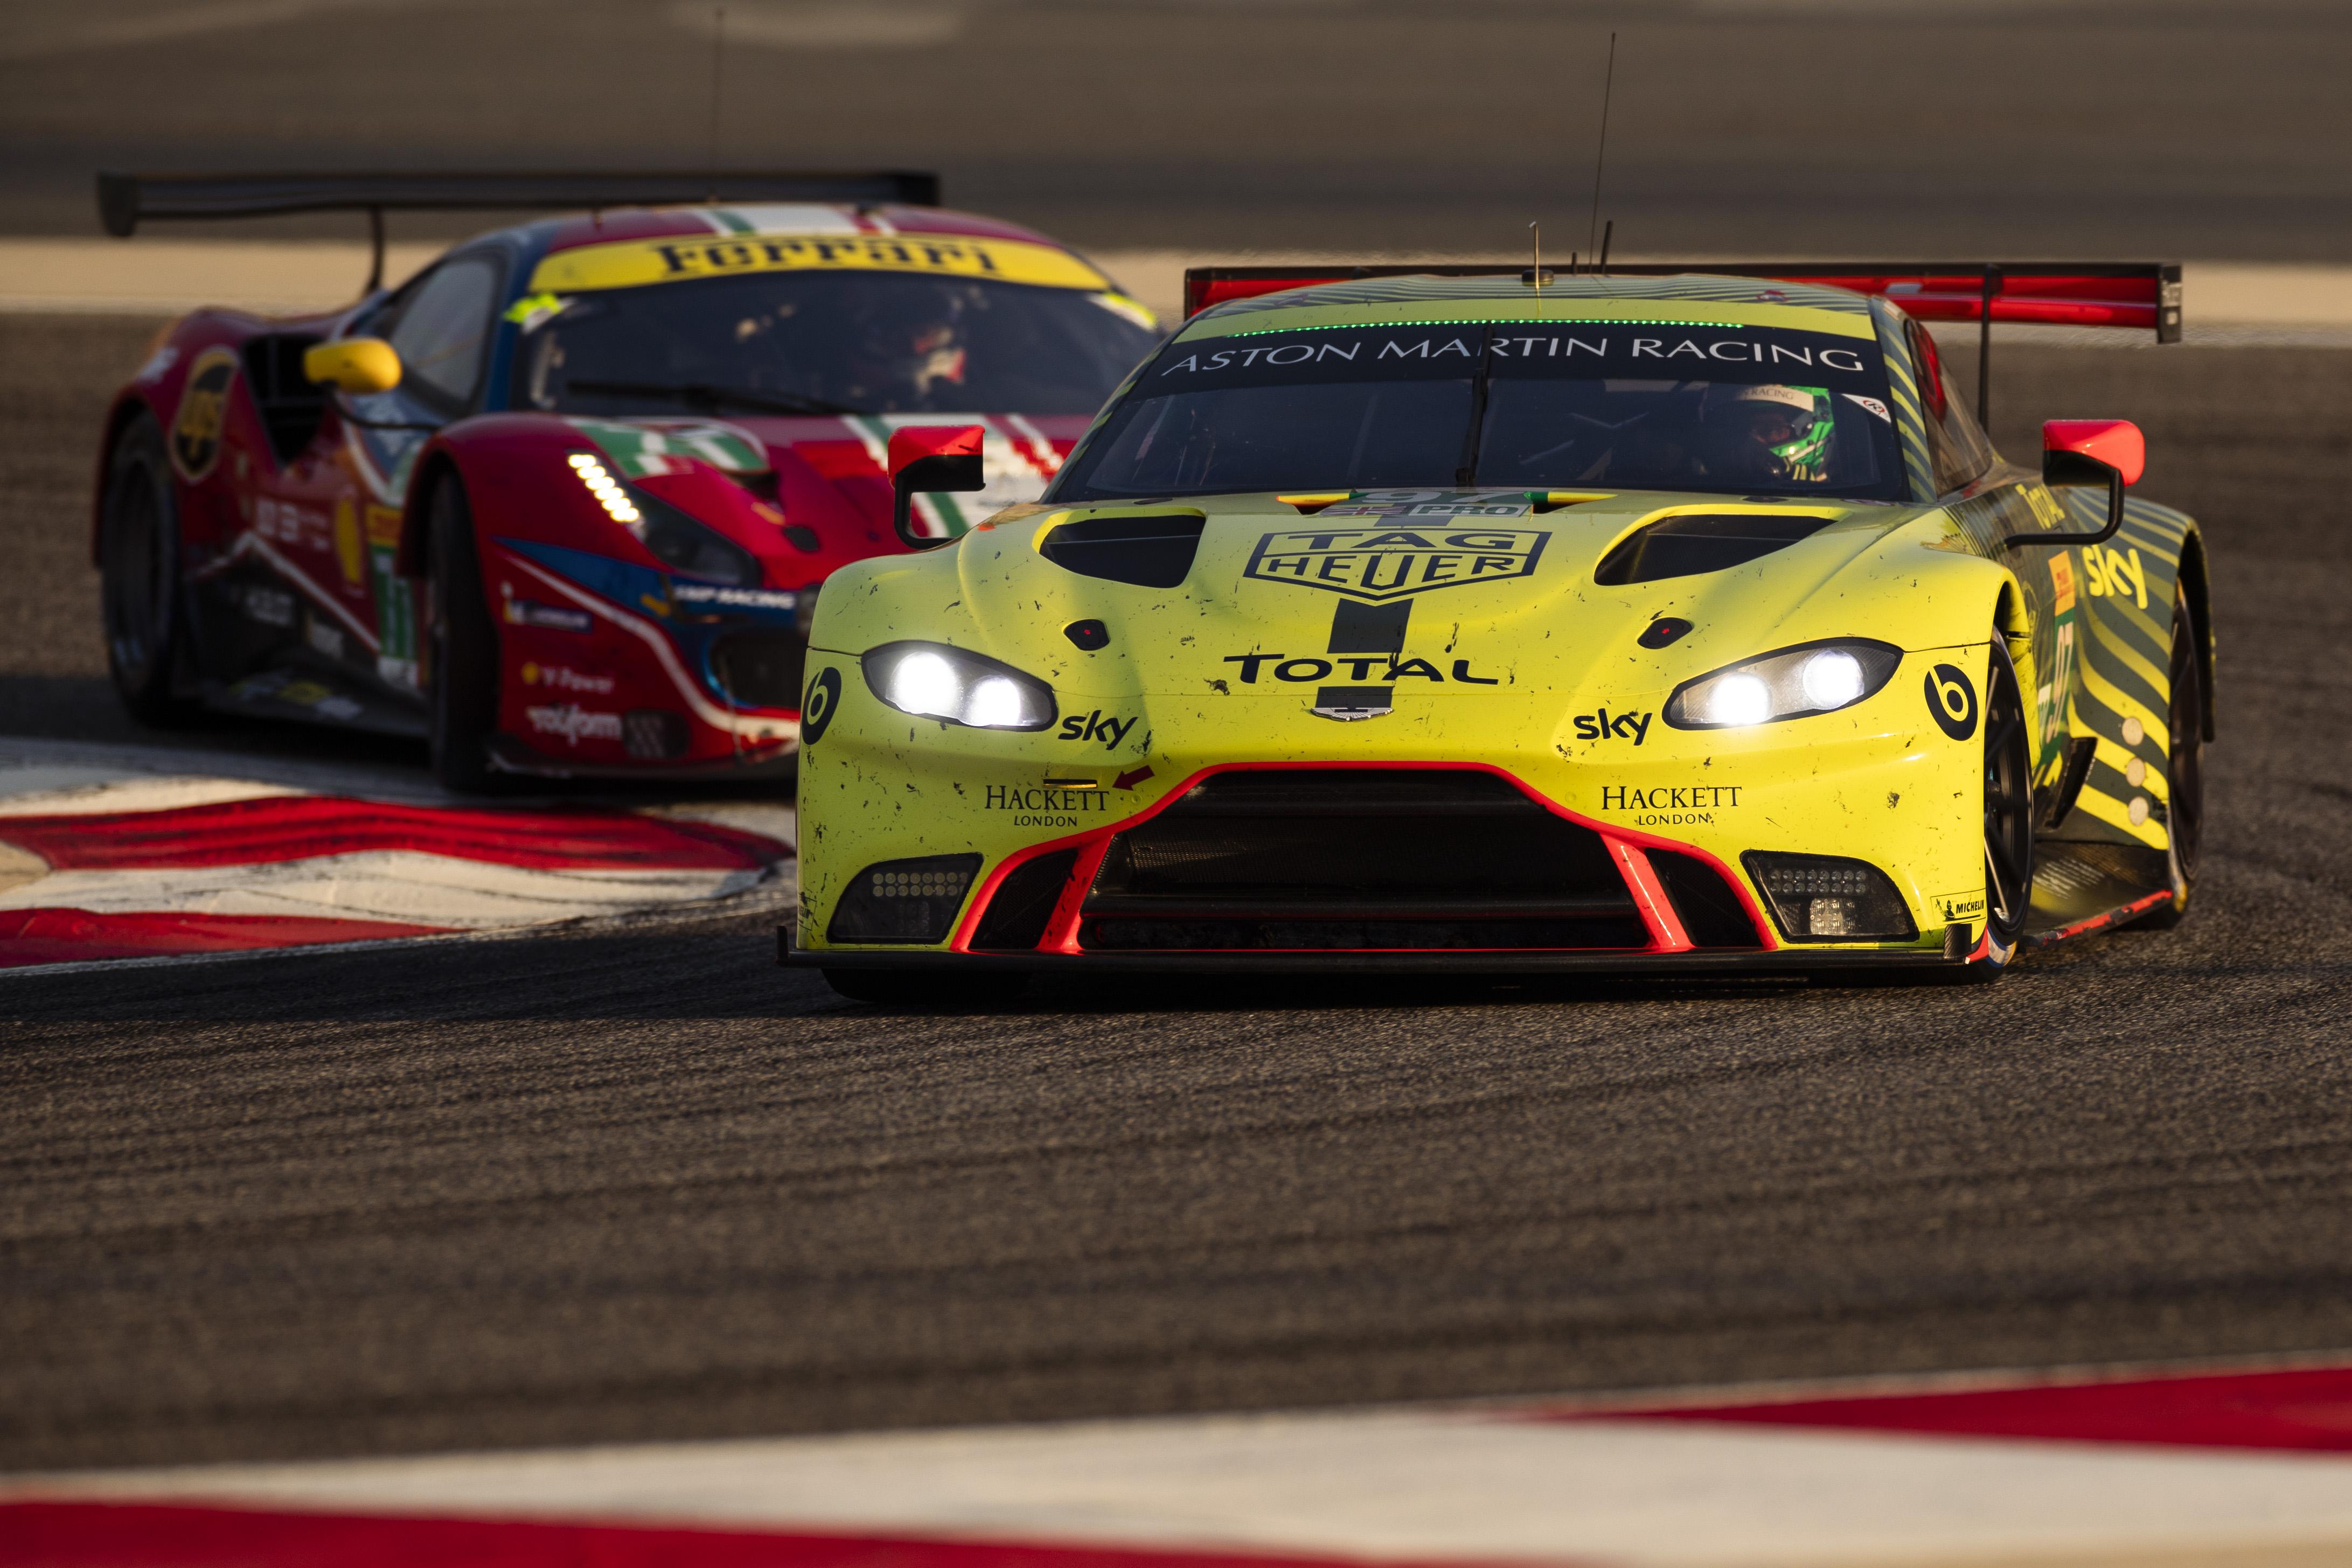 Jövőre már biztonsági autót is ad az F1-be az Aston Martin